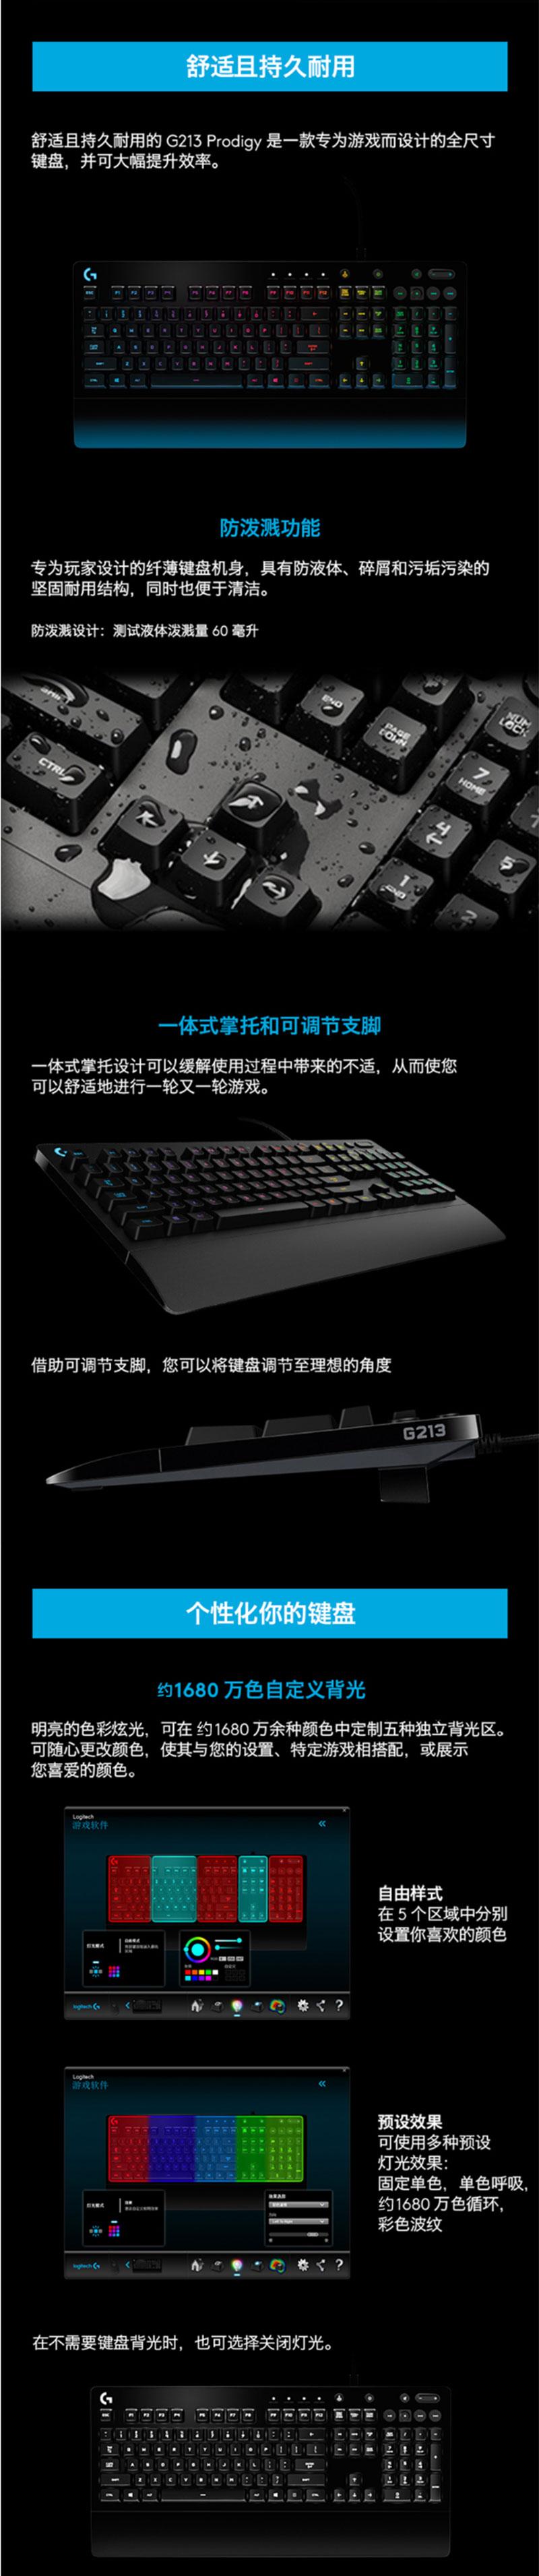 罗技G213竞技键盘